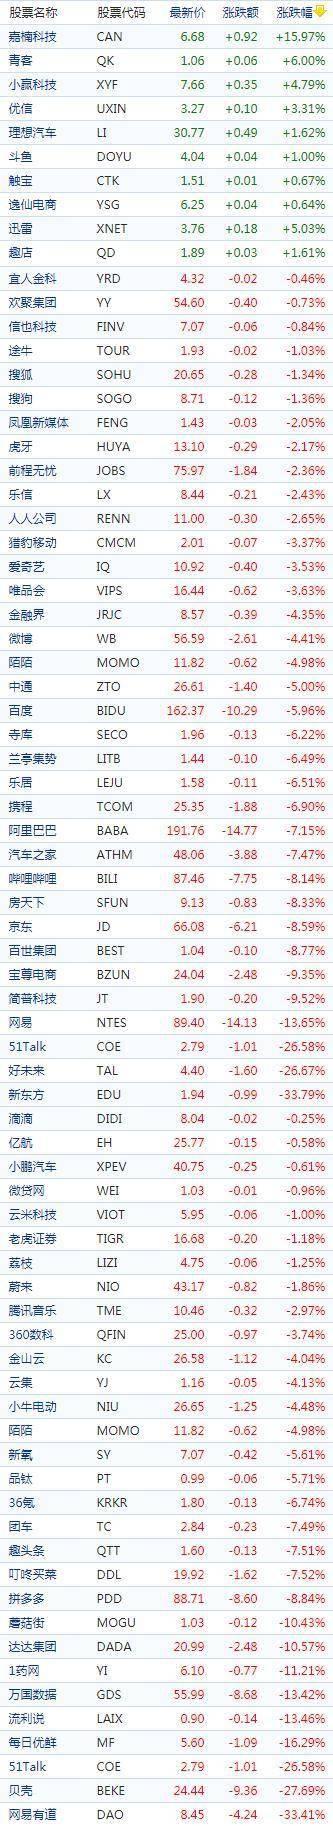 纳斯达克中国金龙指数跌7%创13个月新低